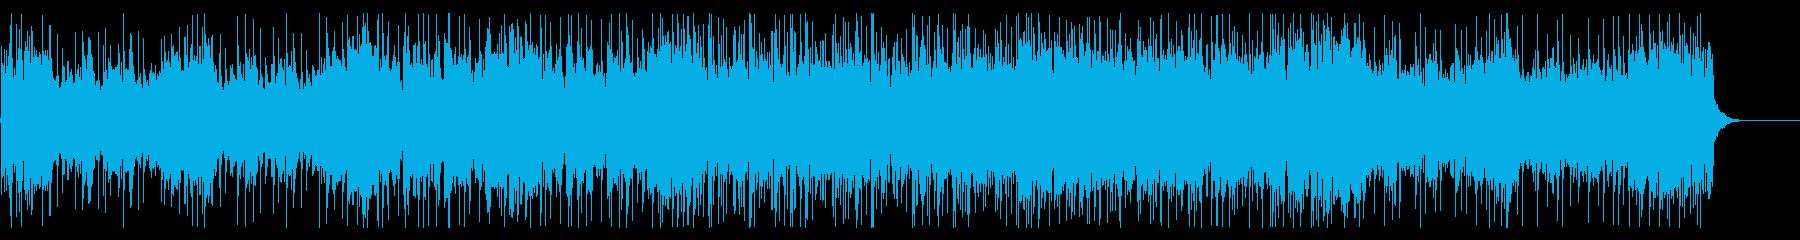 和風ロック 戦闘BGMの再生済みの波形